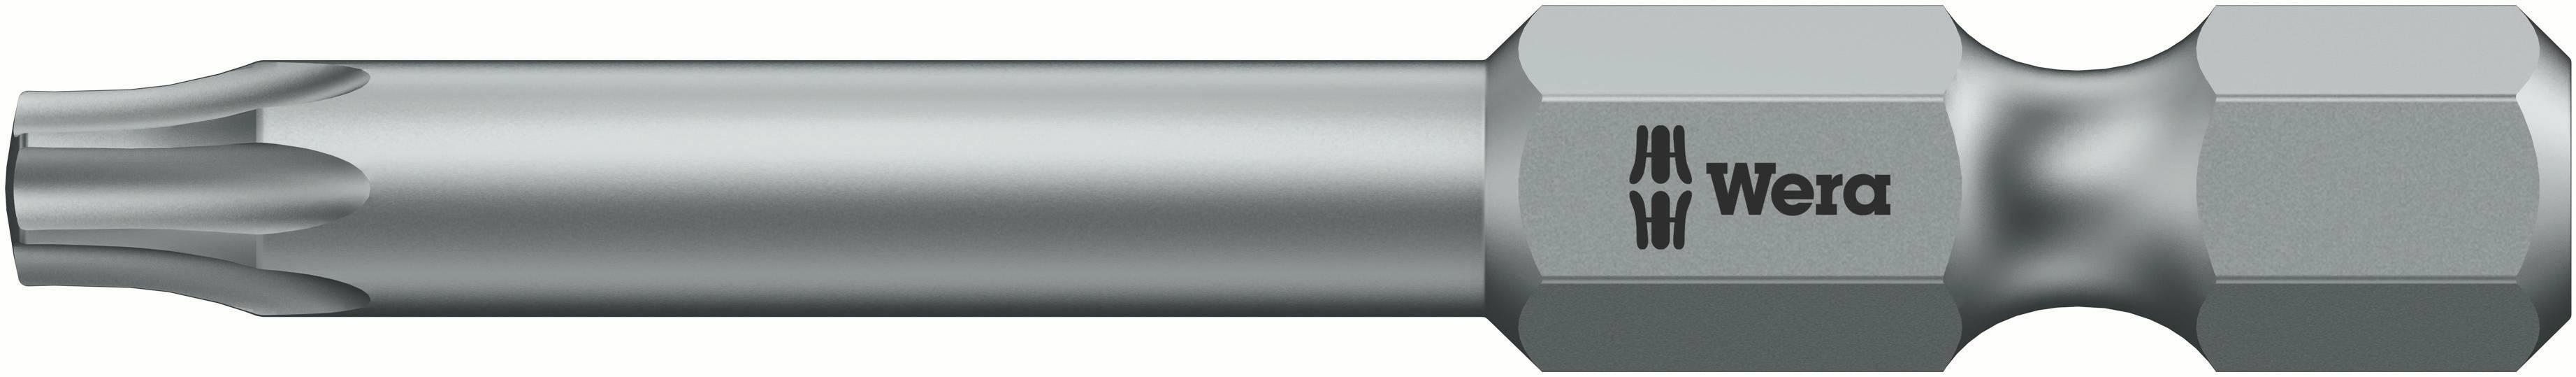 Bit Torx Wera 867/4 Z TORX® BO 30 X 89 MM 05060054001, 89 mm, nástrojová oceľ, legované, 1 ks